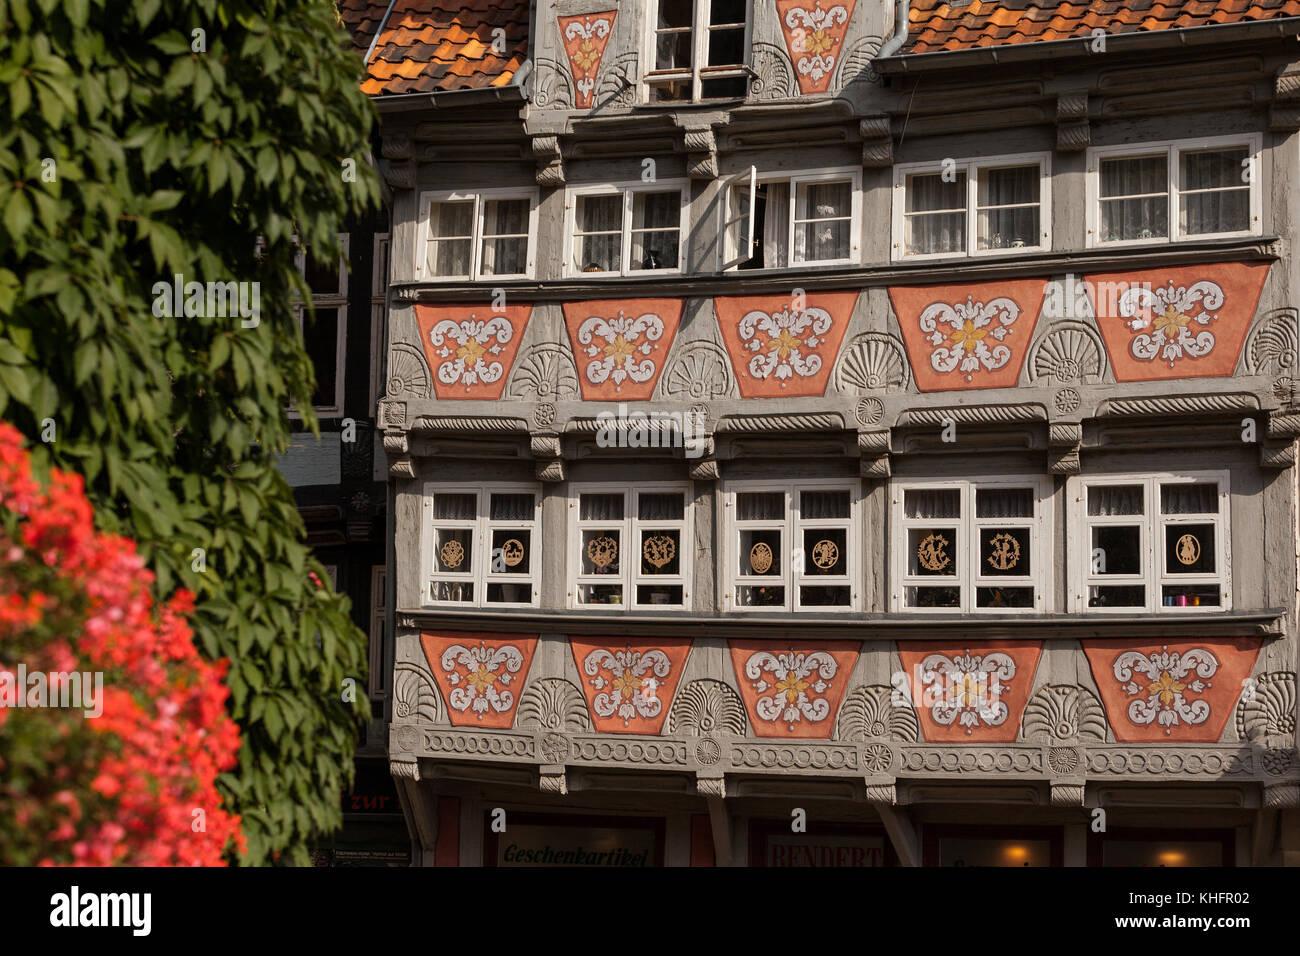 Innenarchitekt Quedlinburg verzierungen stock photos verzierungen stock images alamy